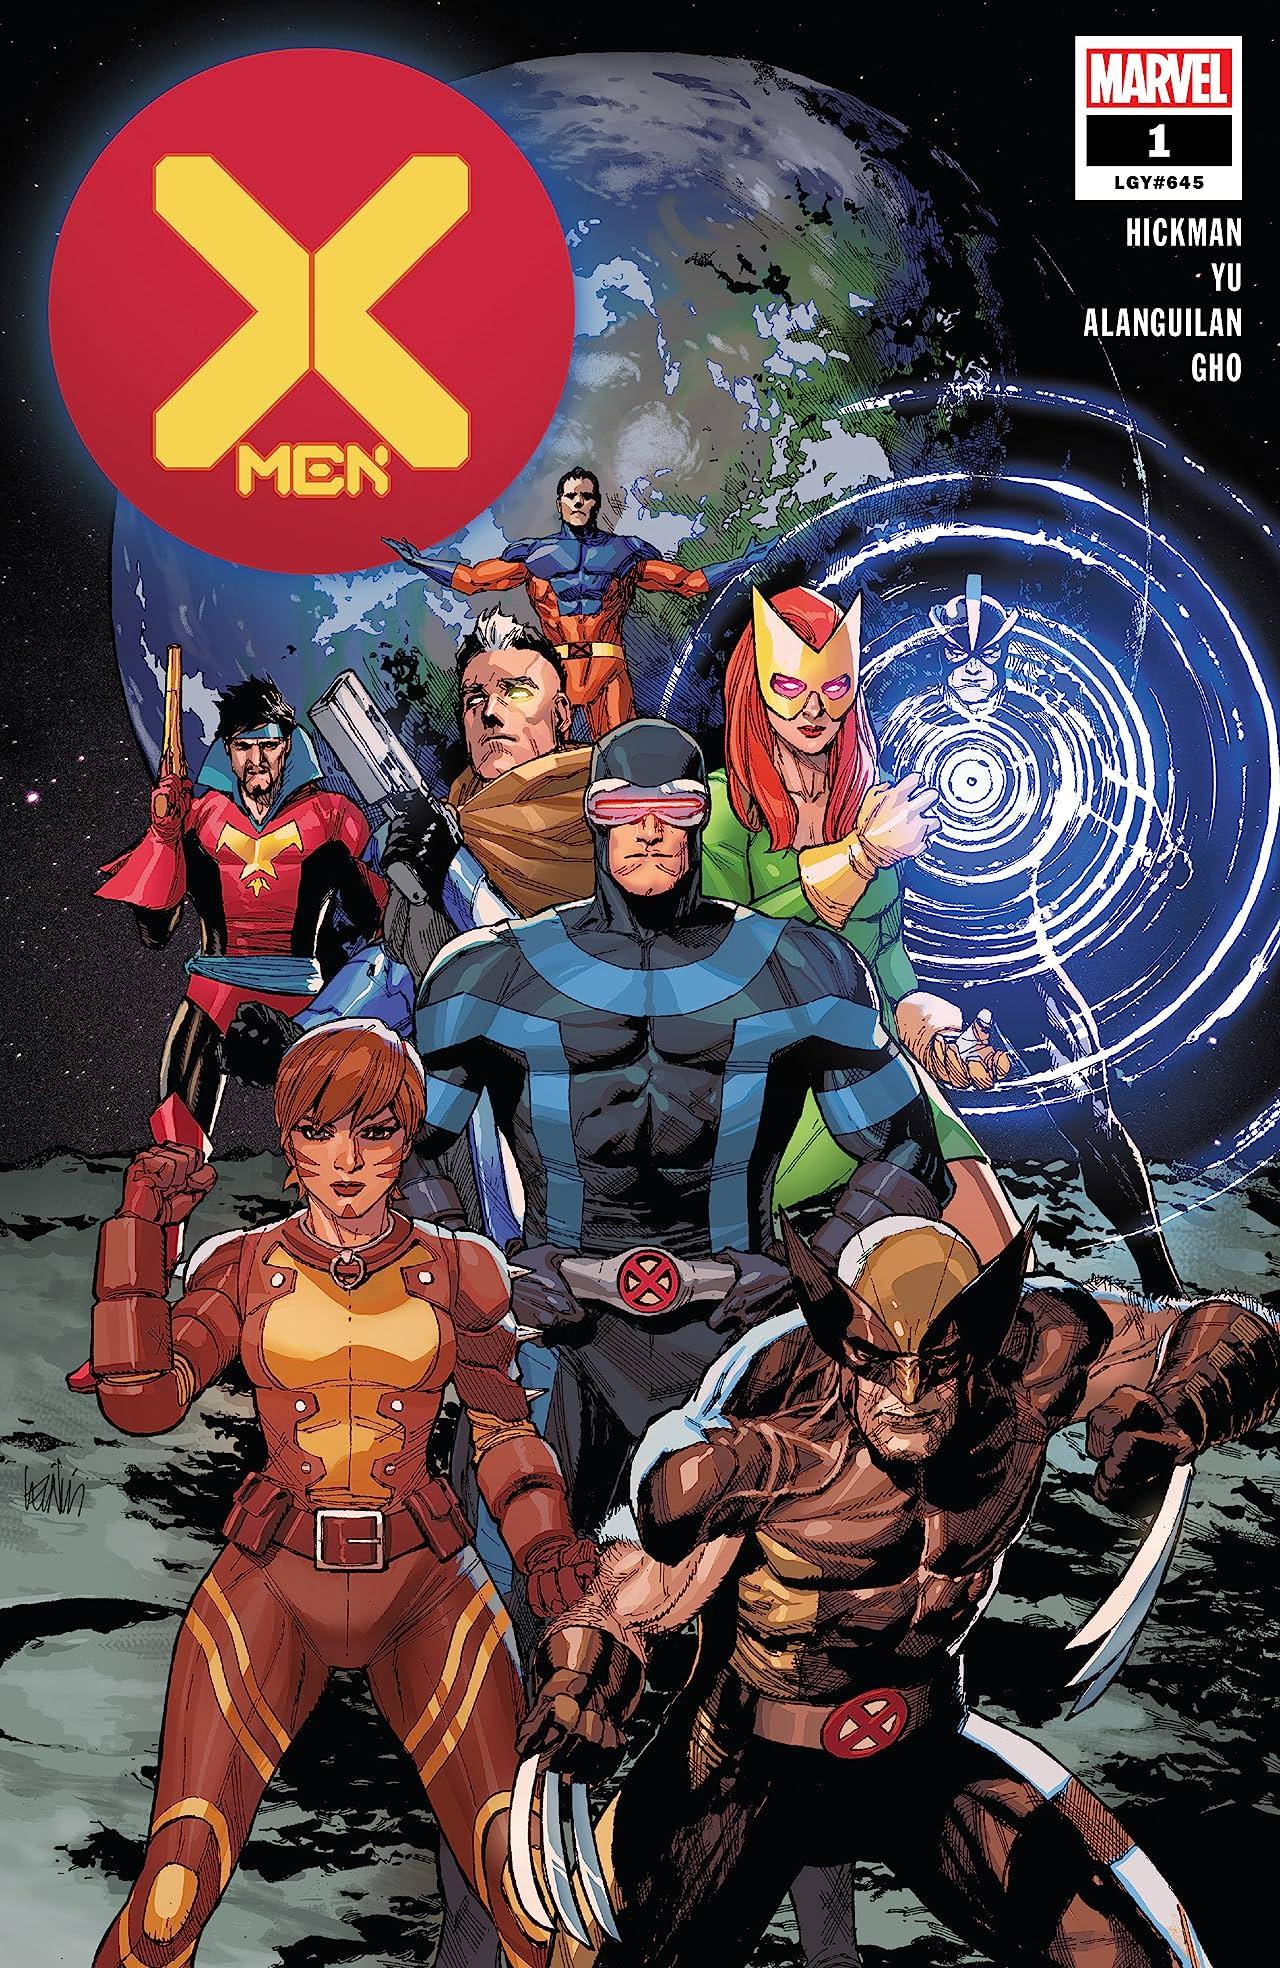 Resultado de imagem para x-men 2019 comics